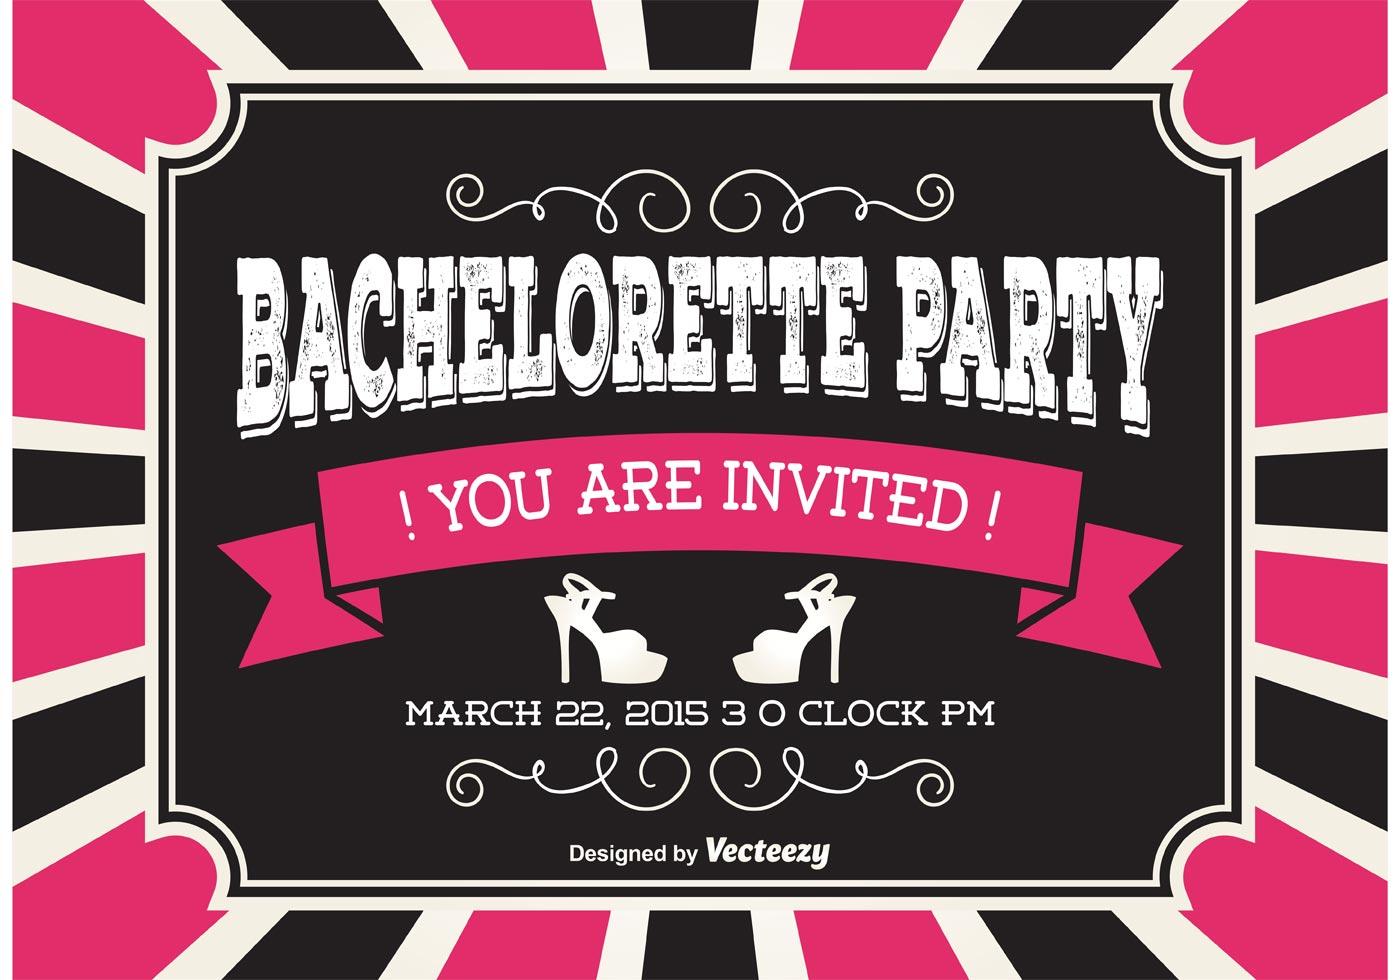 Bachelorette Party Invitaion - Download Free Vector Art, Stock ...